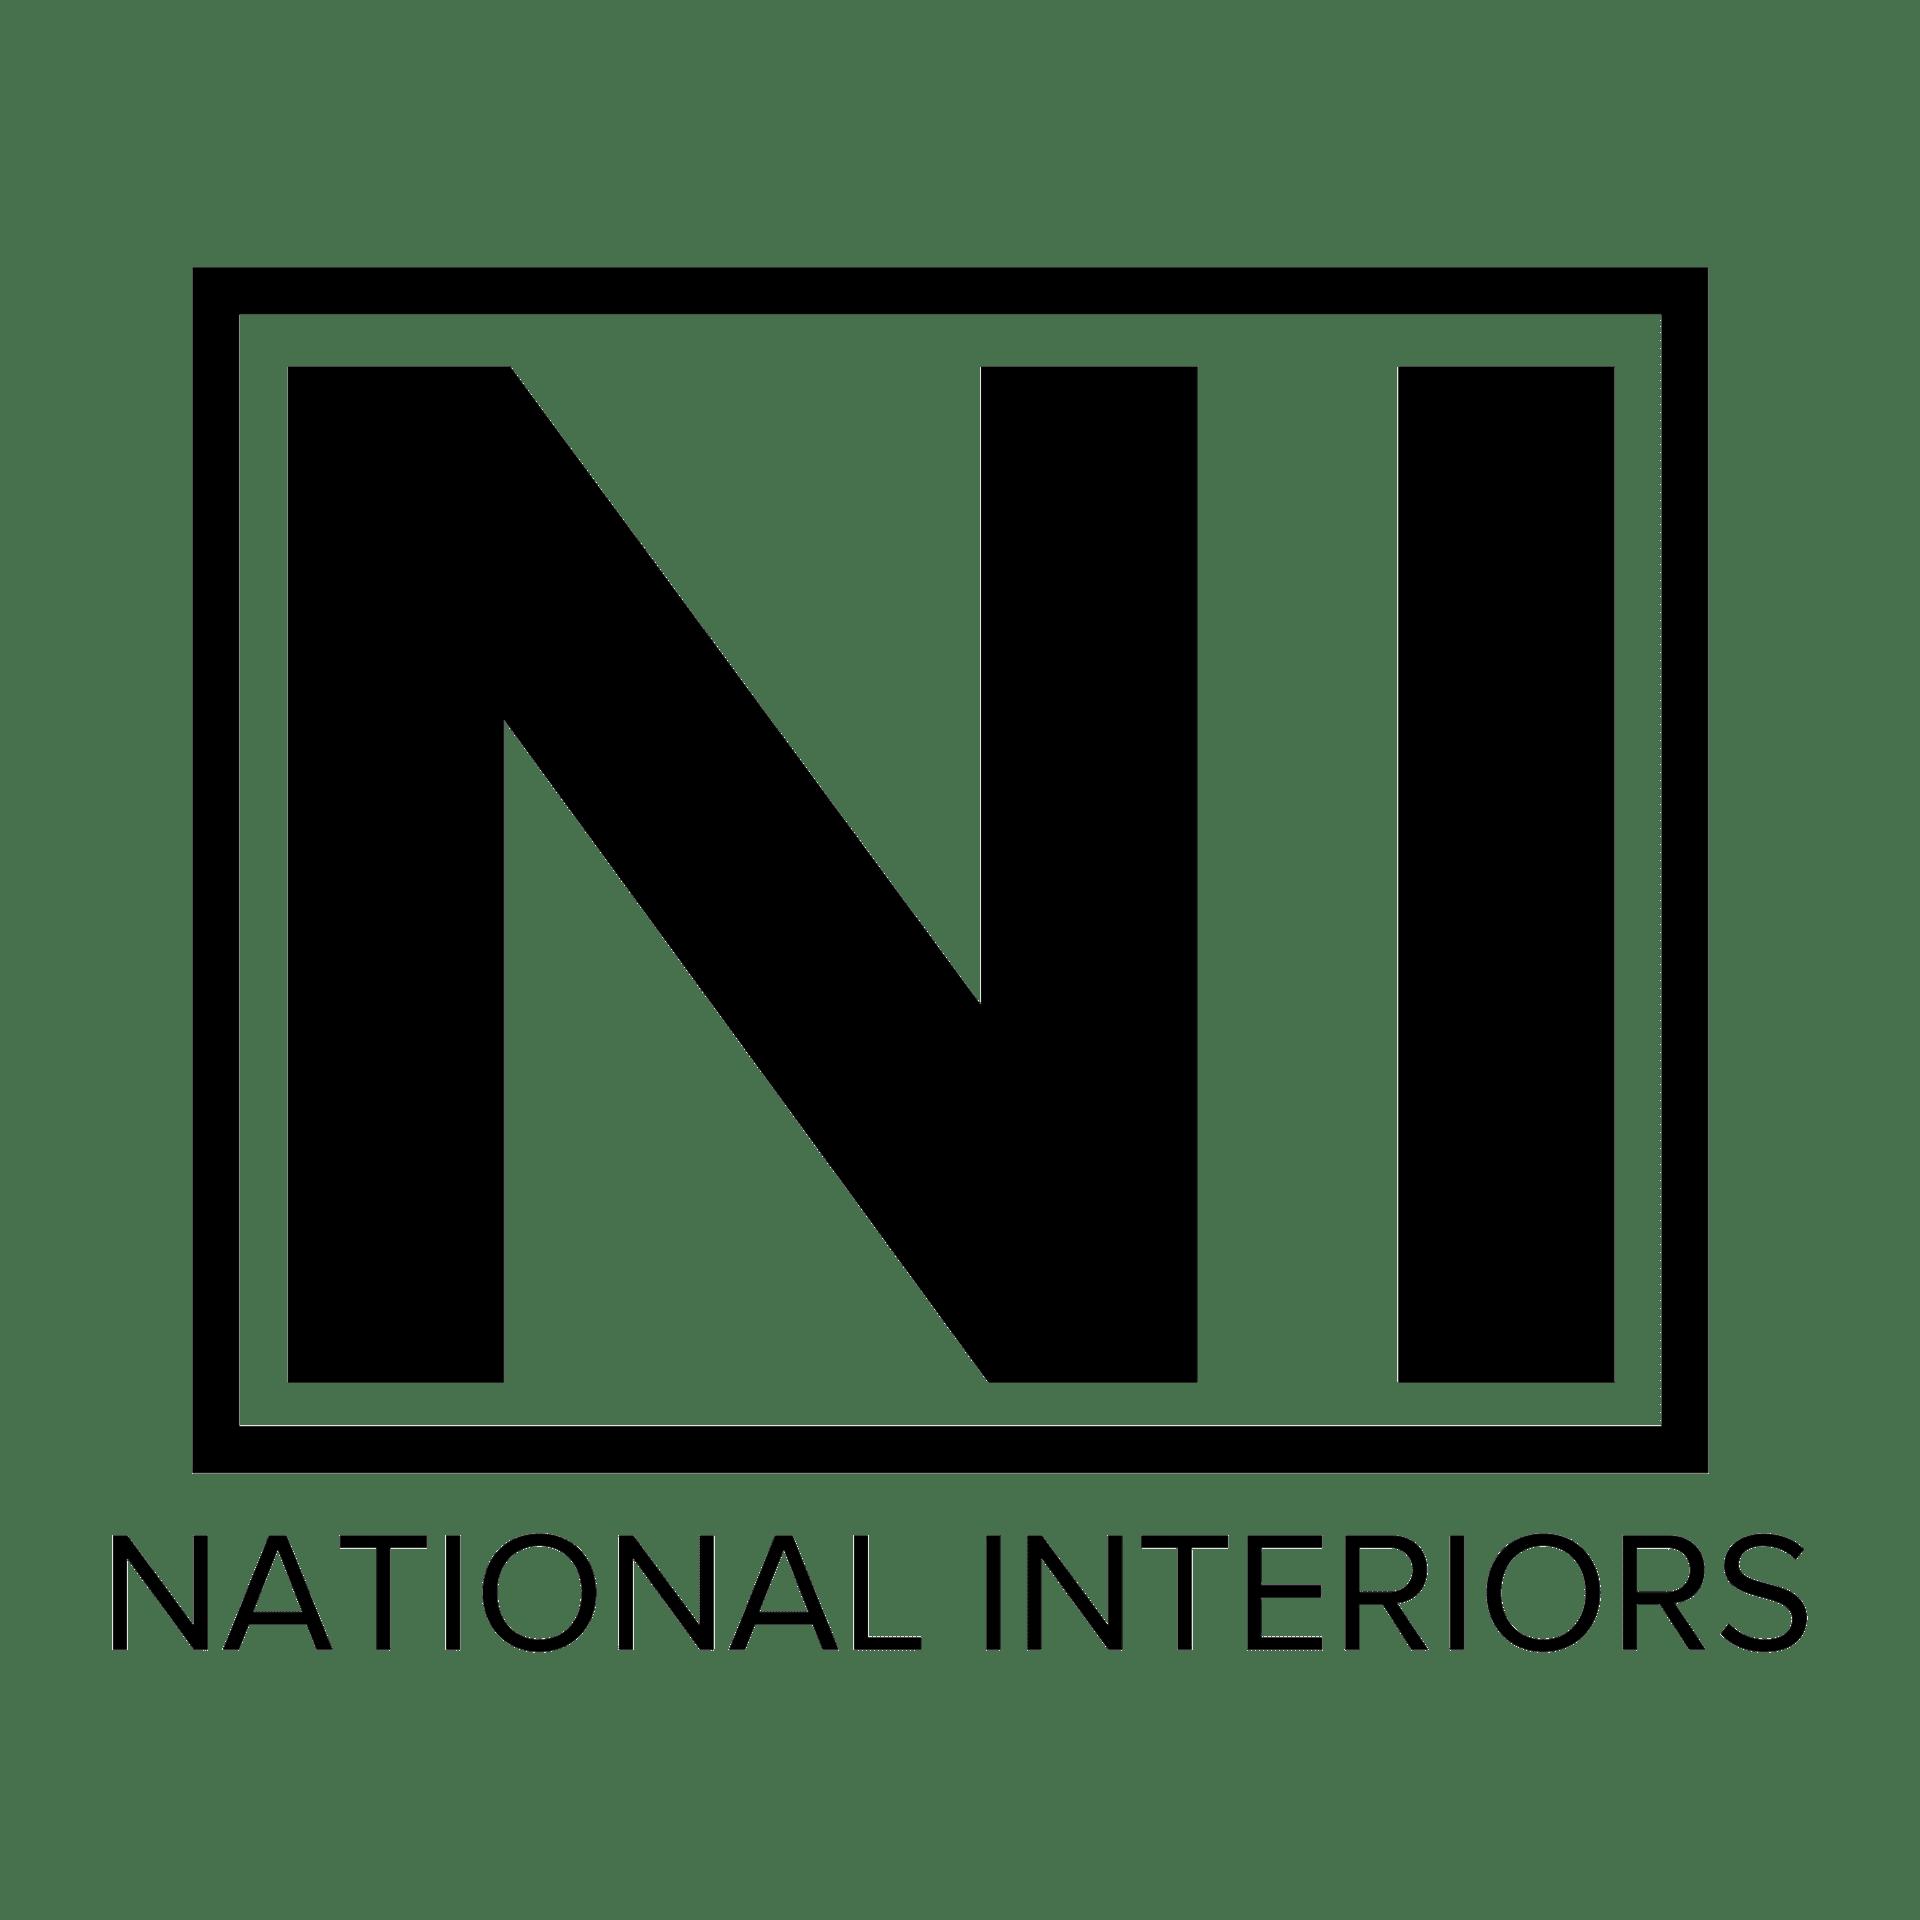 National Interiors in Winnipeg & Toronto